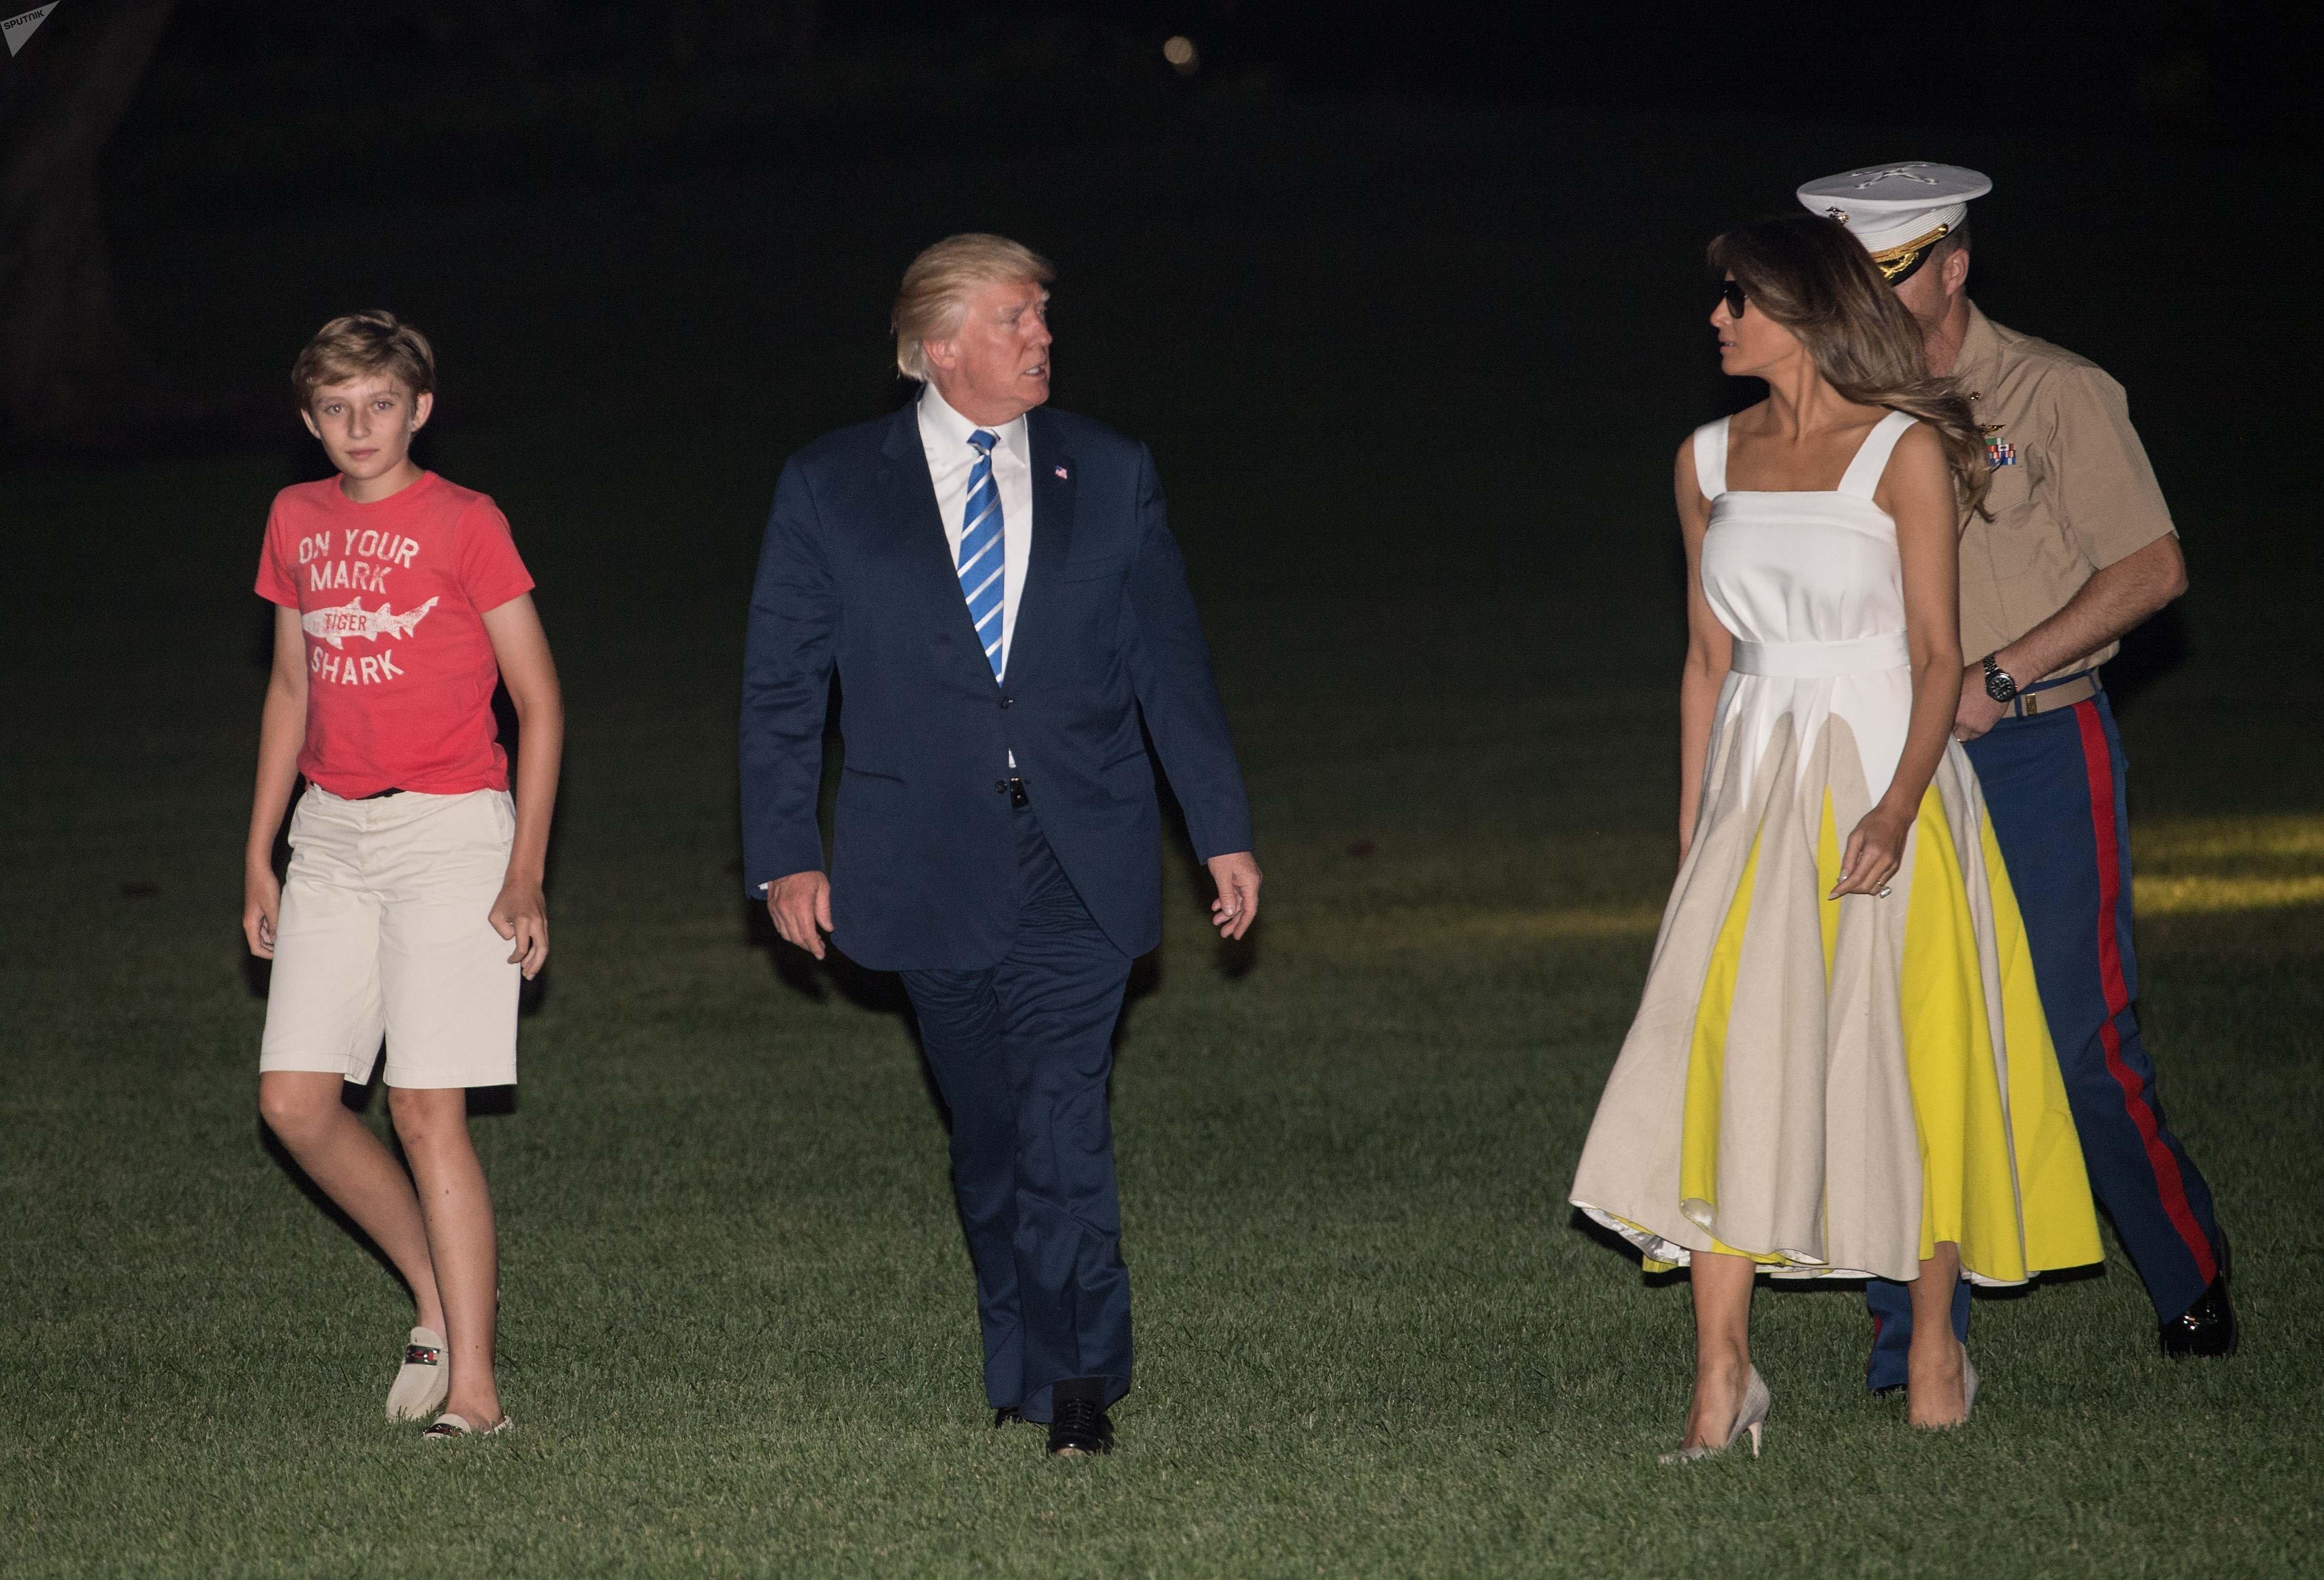 Donald et Melania Trump, et leur fils Barron rentrent après des «vacances de travail» dans le New Jersey